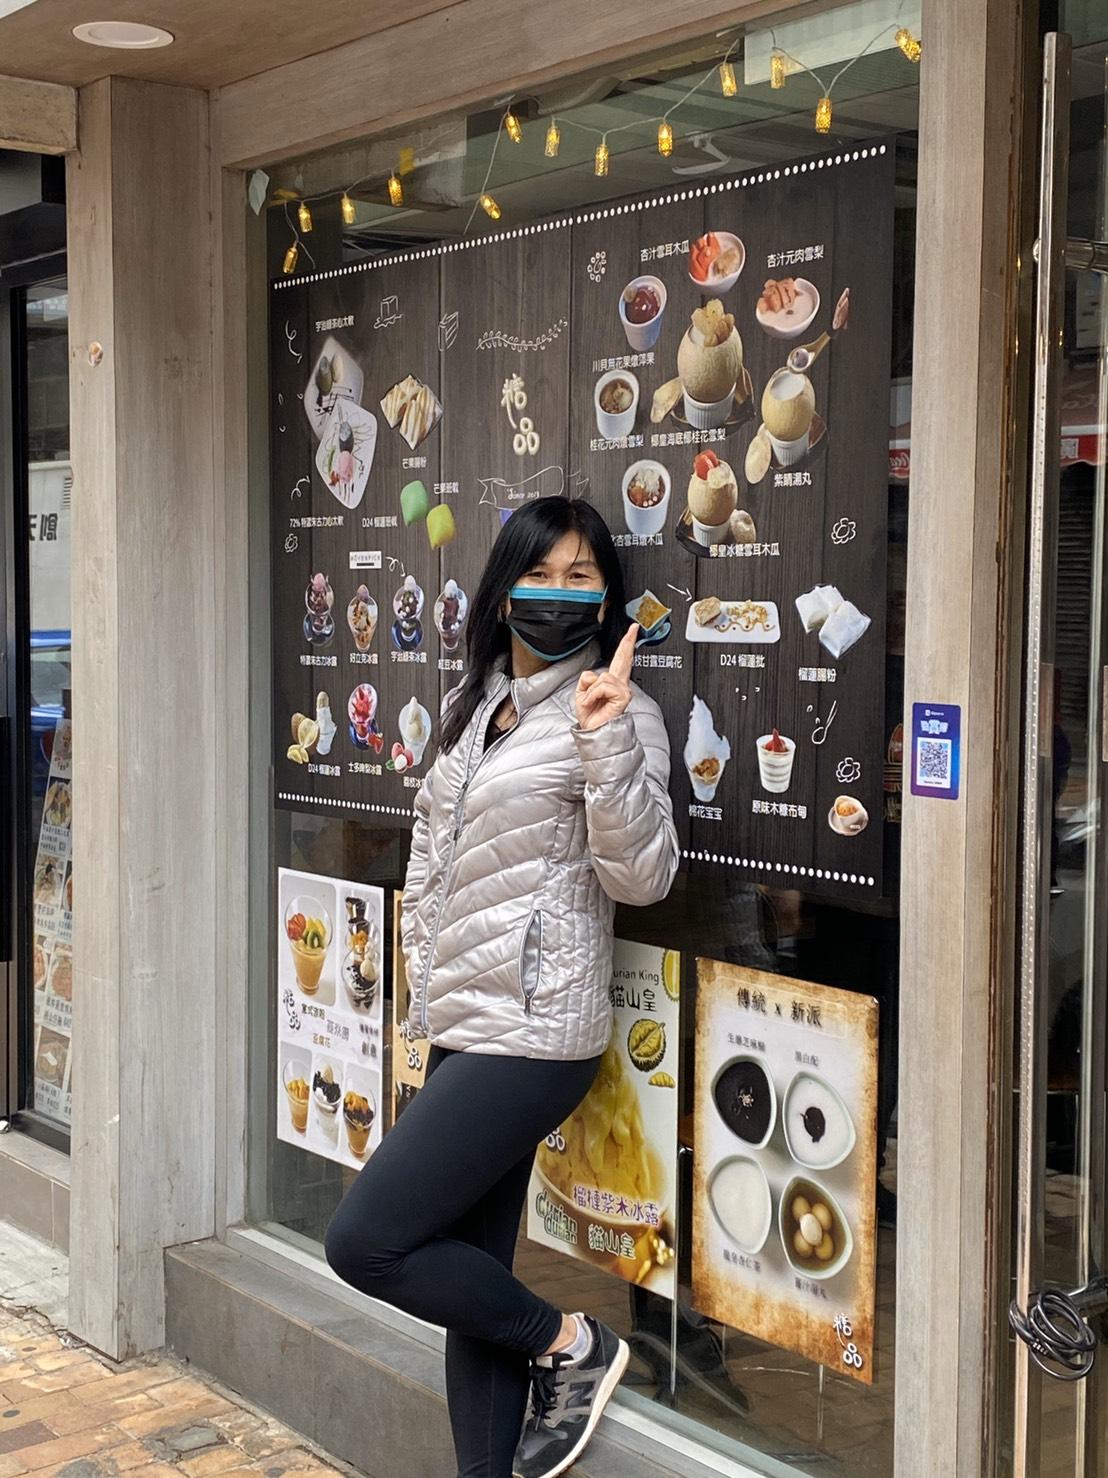 驚險迴避入境武漢的台籍美國學者陳建妃於香港留影。圖:陳建妃(Chien-Fei Chen)/提供